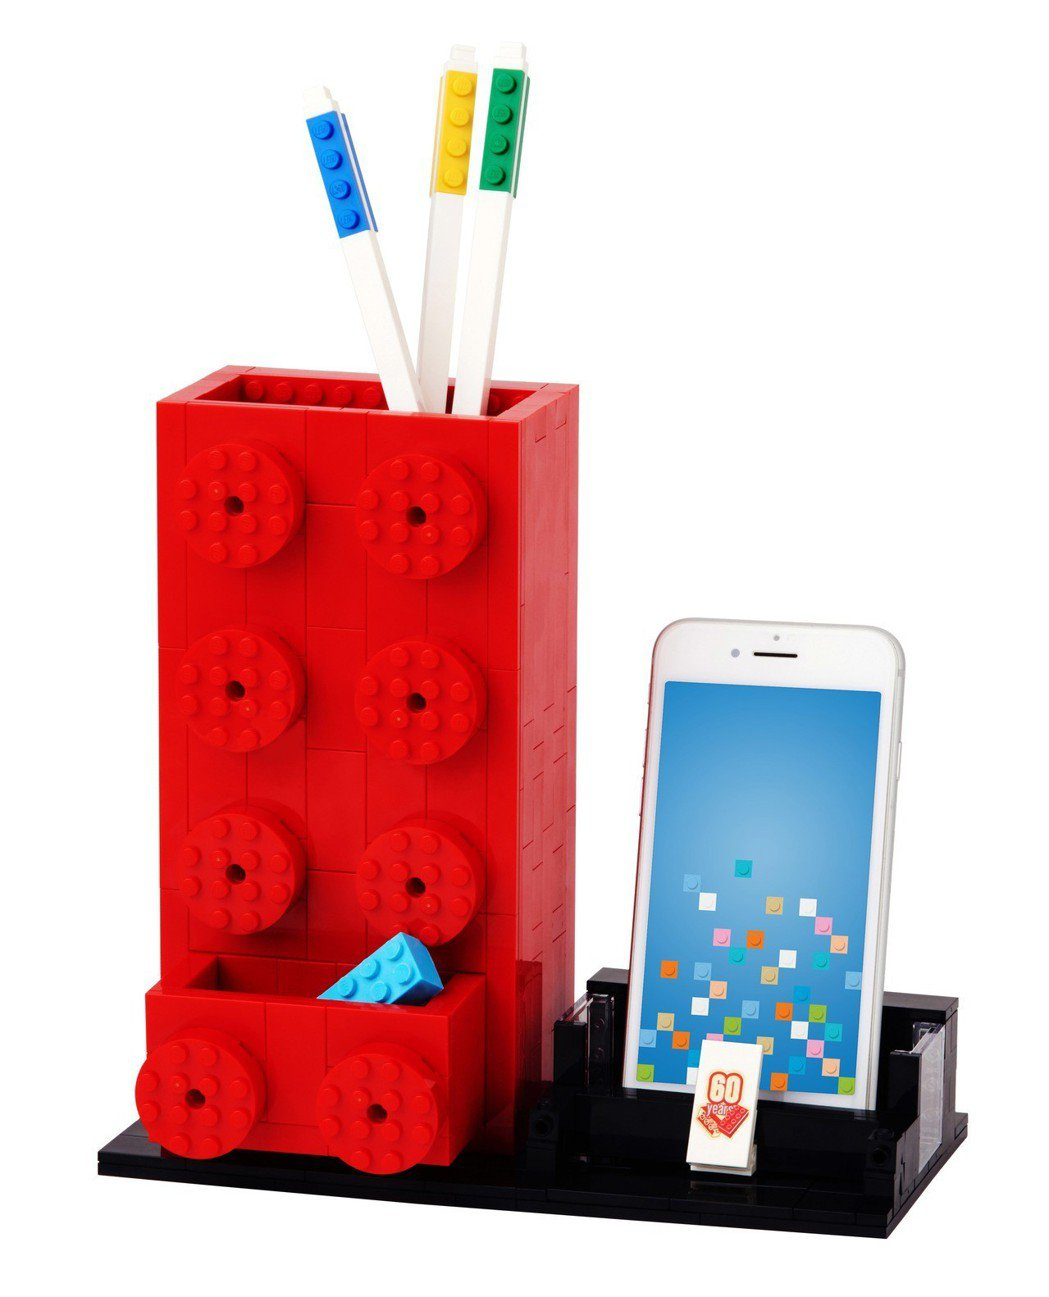 活動現場消費滿2,800元將限量加碼送出以樂高2x4積木原型設計的經典樂高積木筆筒。圖/台灣樂高提供